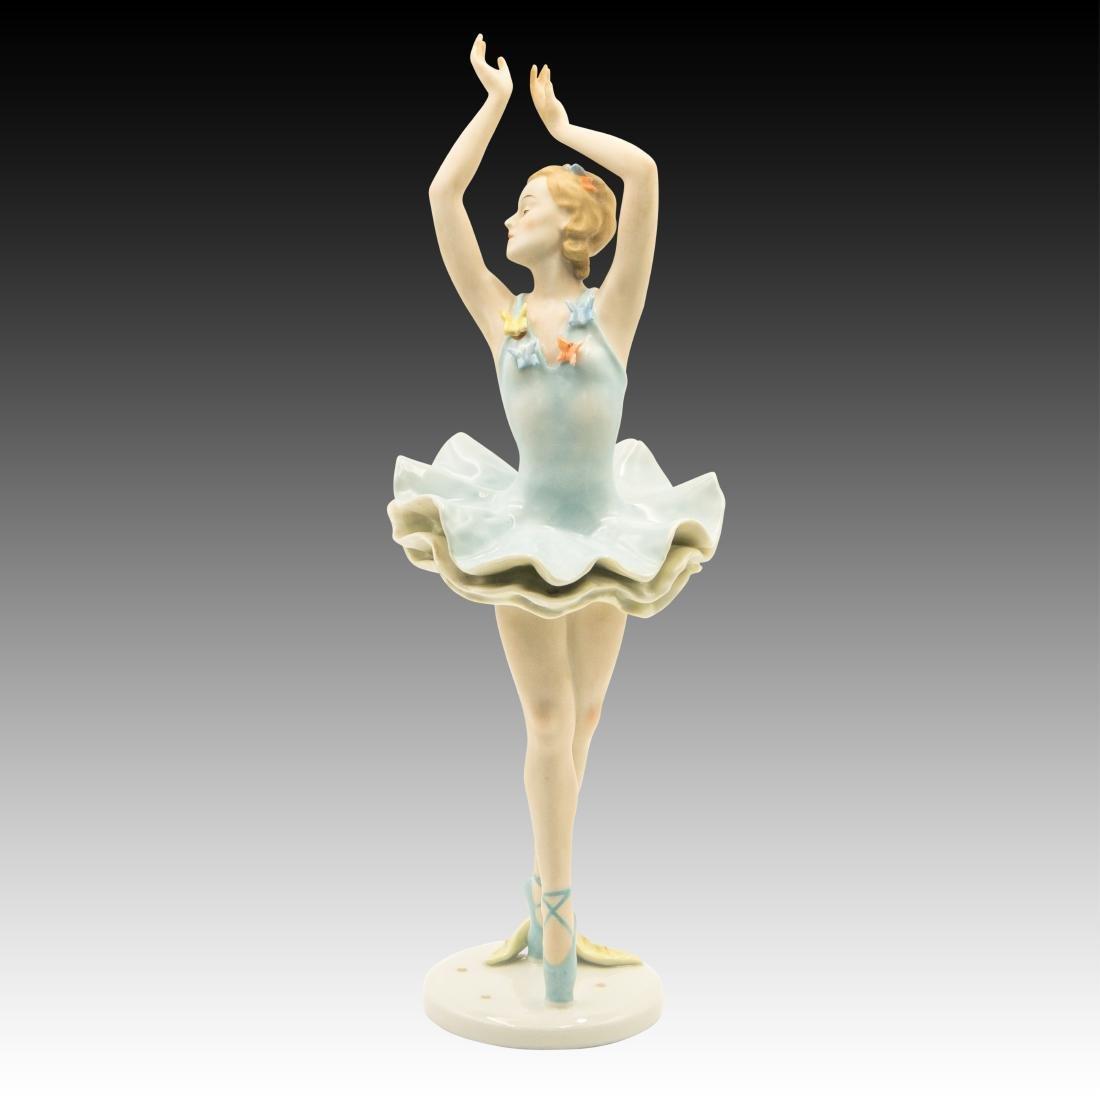 Rosenthal Ballerina with Butterflies Figurine